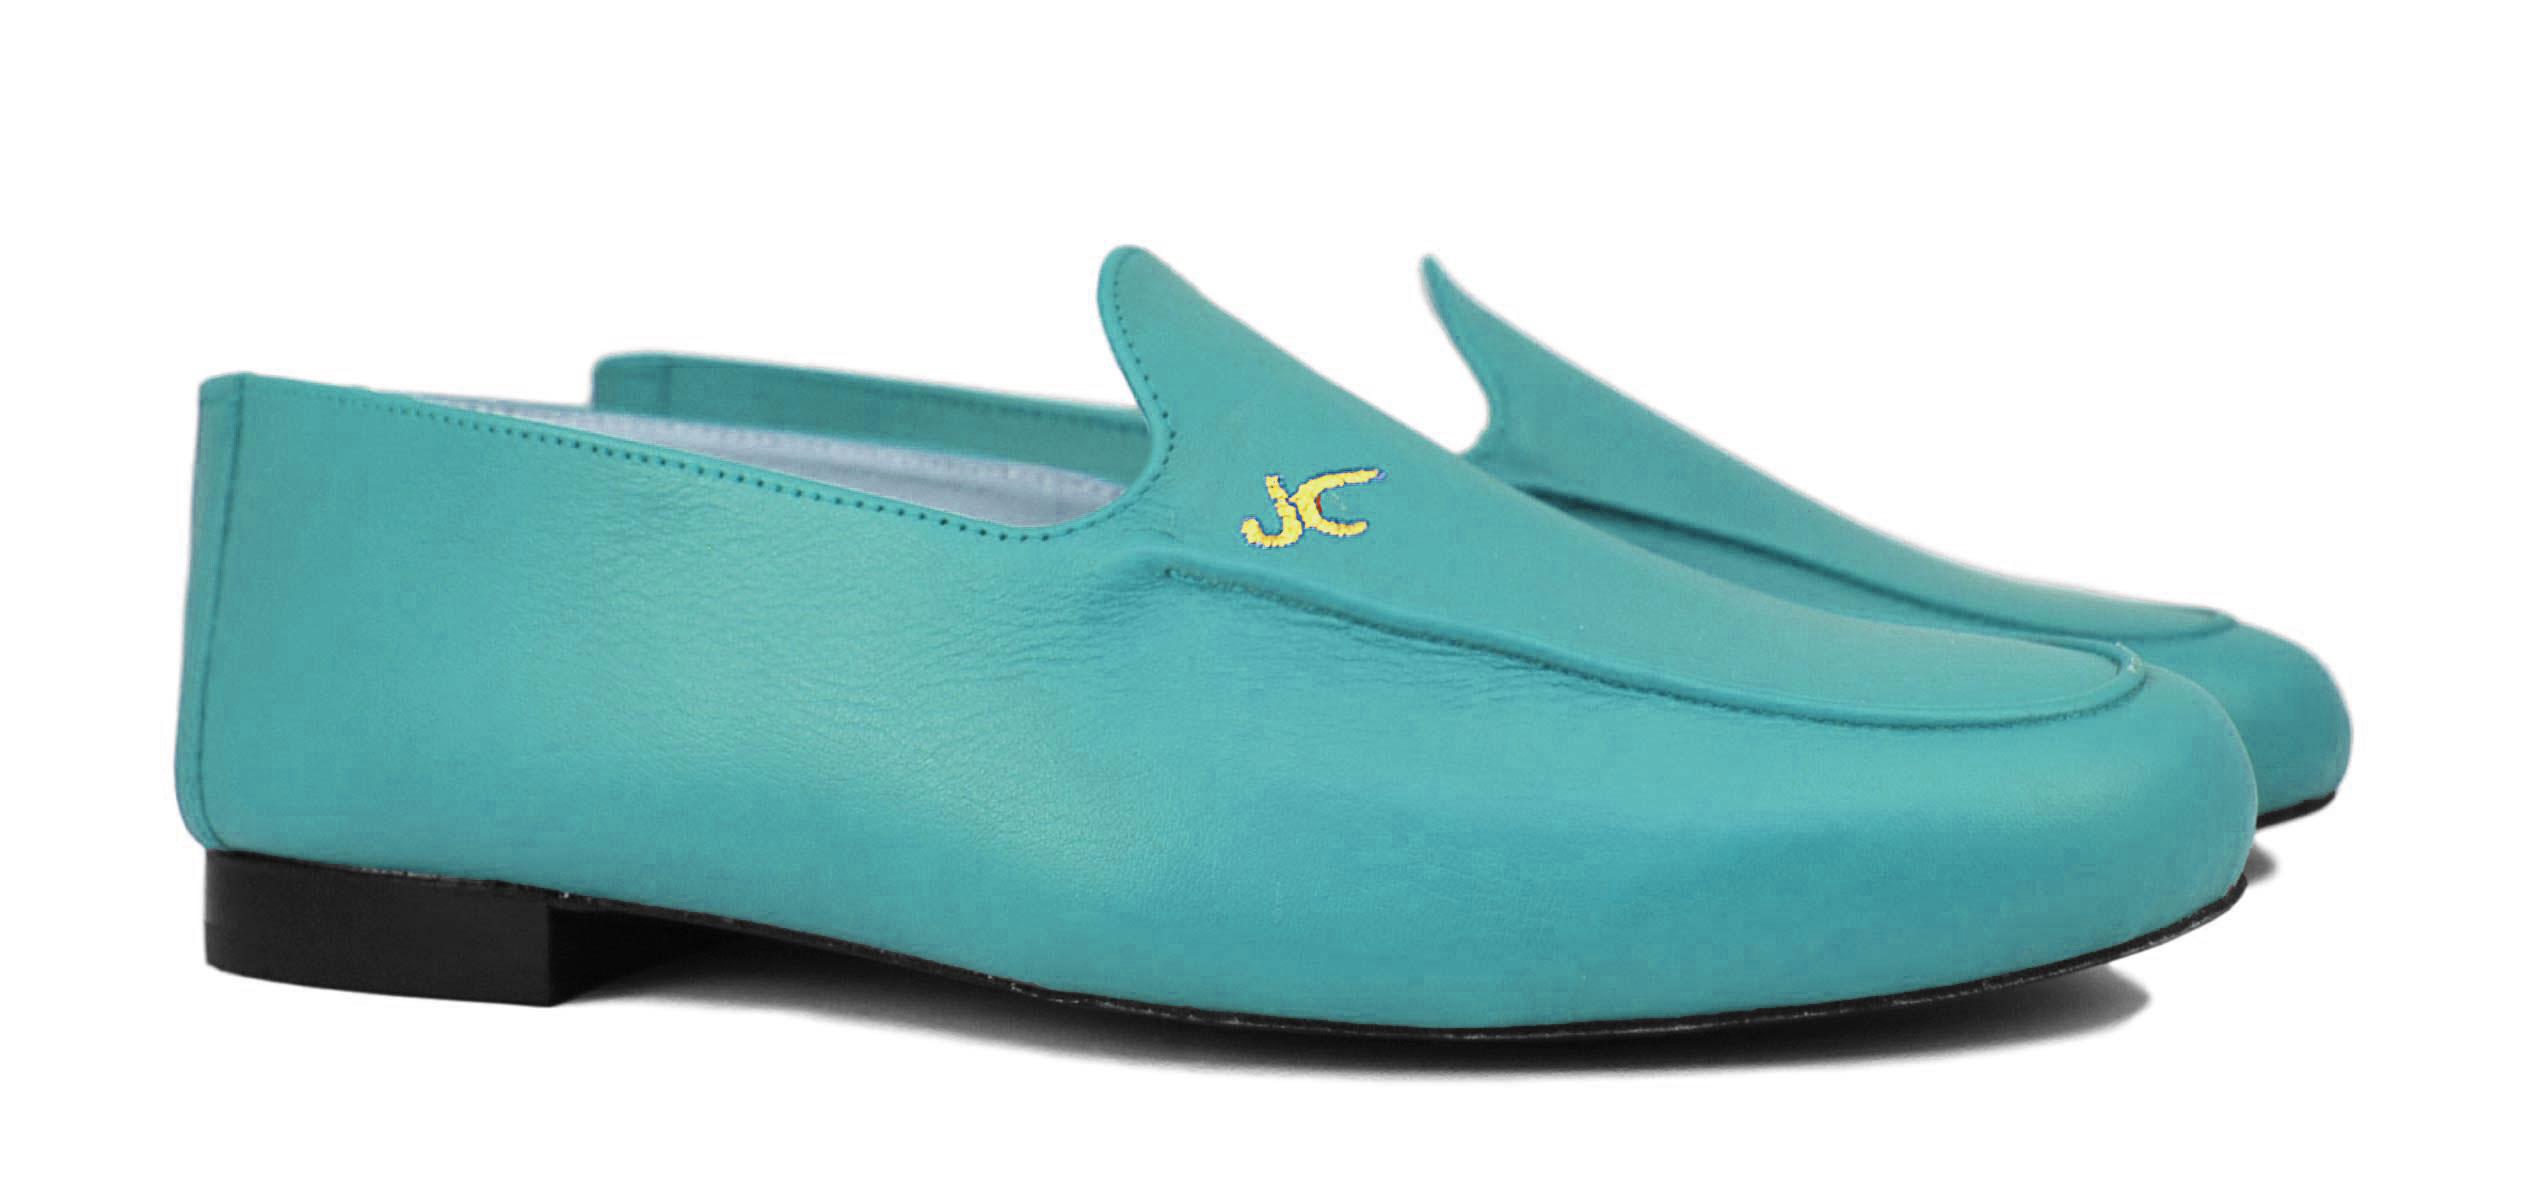 Foto 5 de Zapatos Julio Iglesias 528 JC Aqua Napa